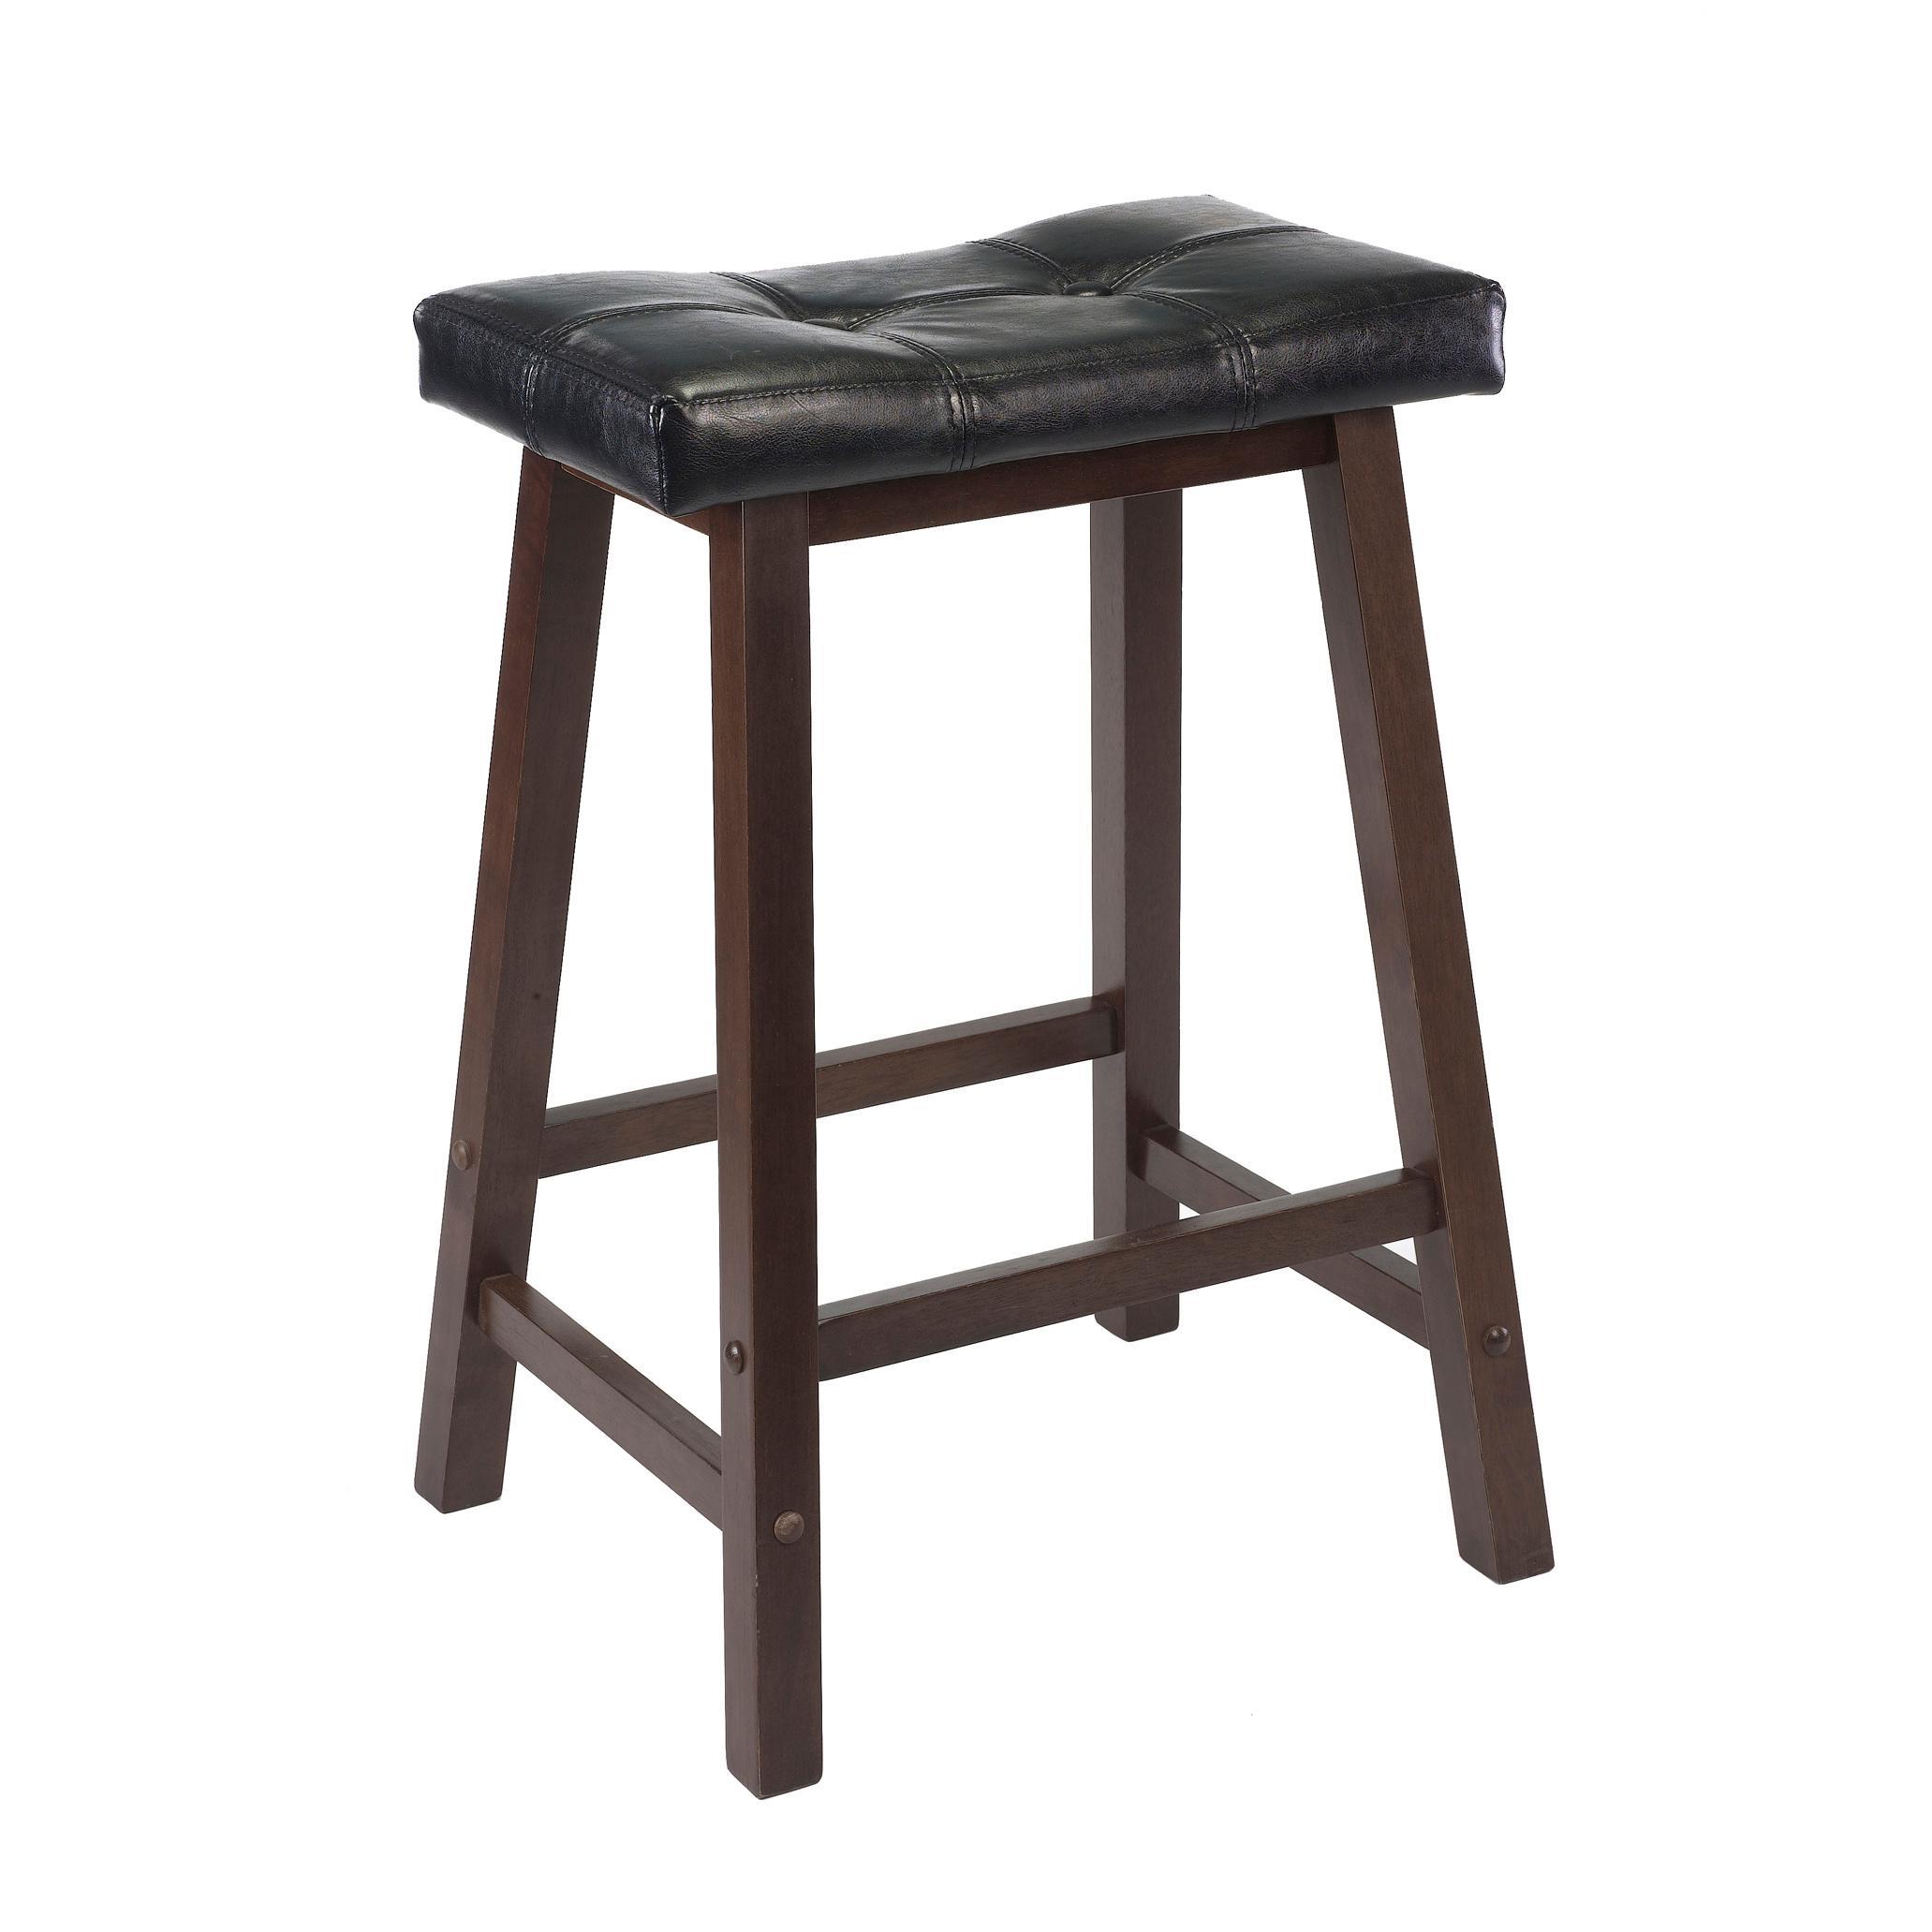 Amazon Home Bar Furniture Home & Kitchen Barstools Bar